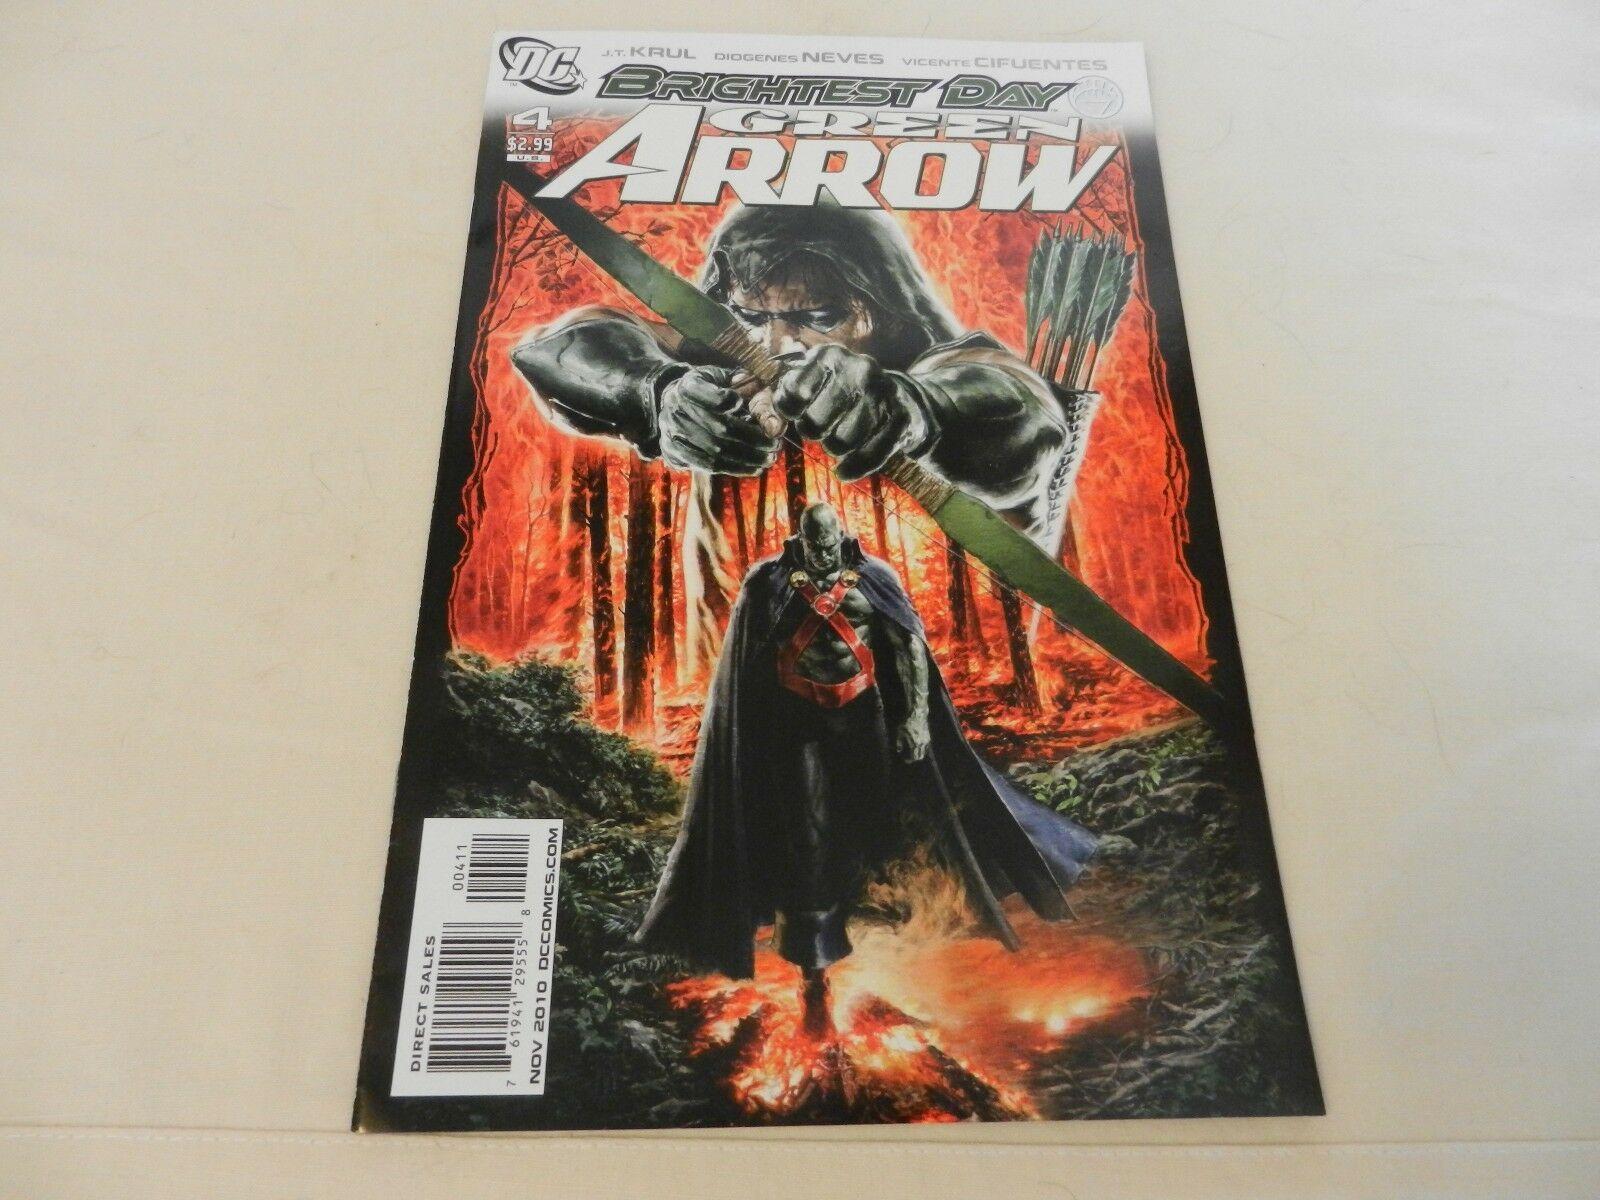 Brightest Day Green Arrow DC Comics #4 November 2010